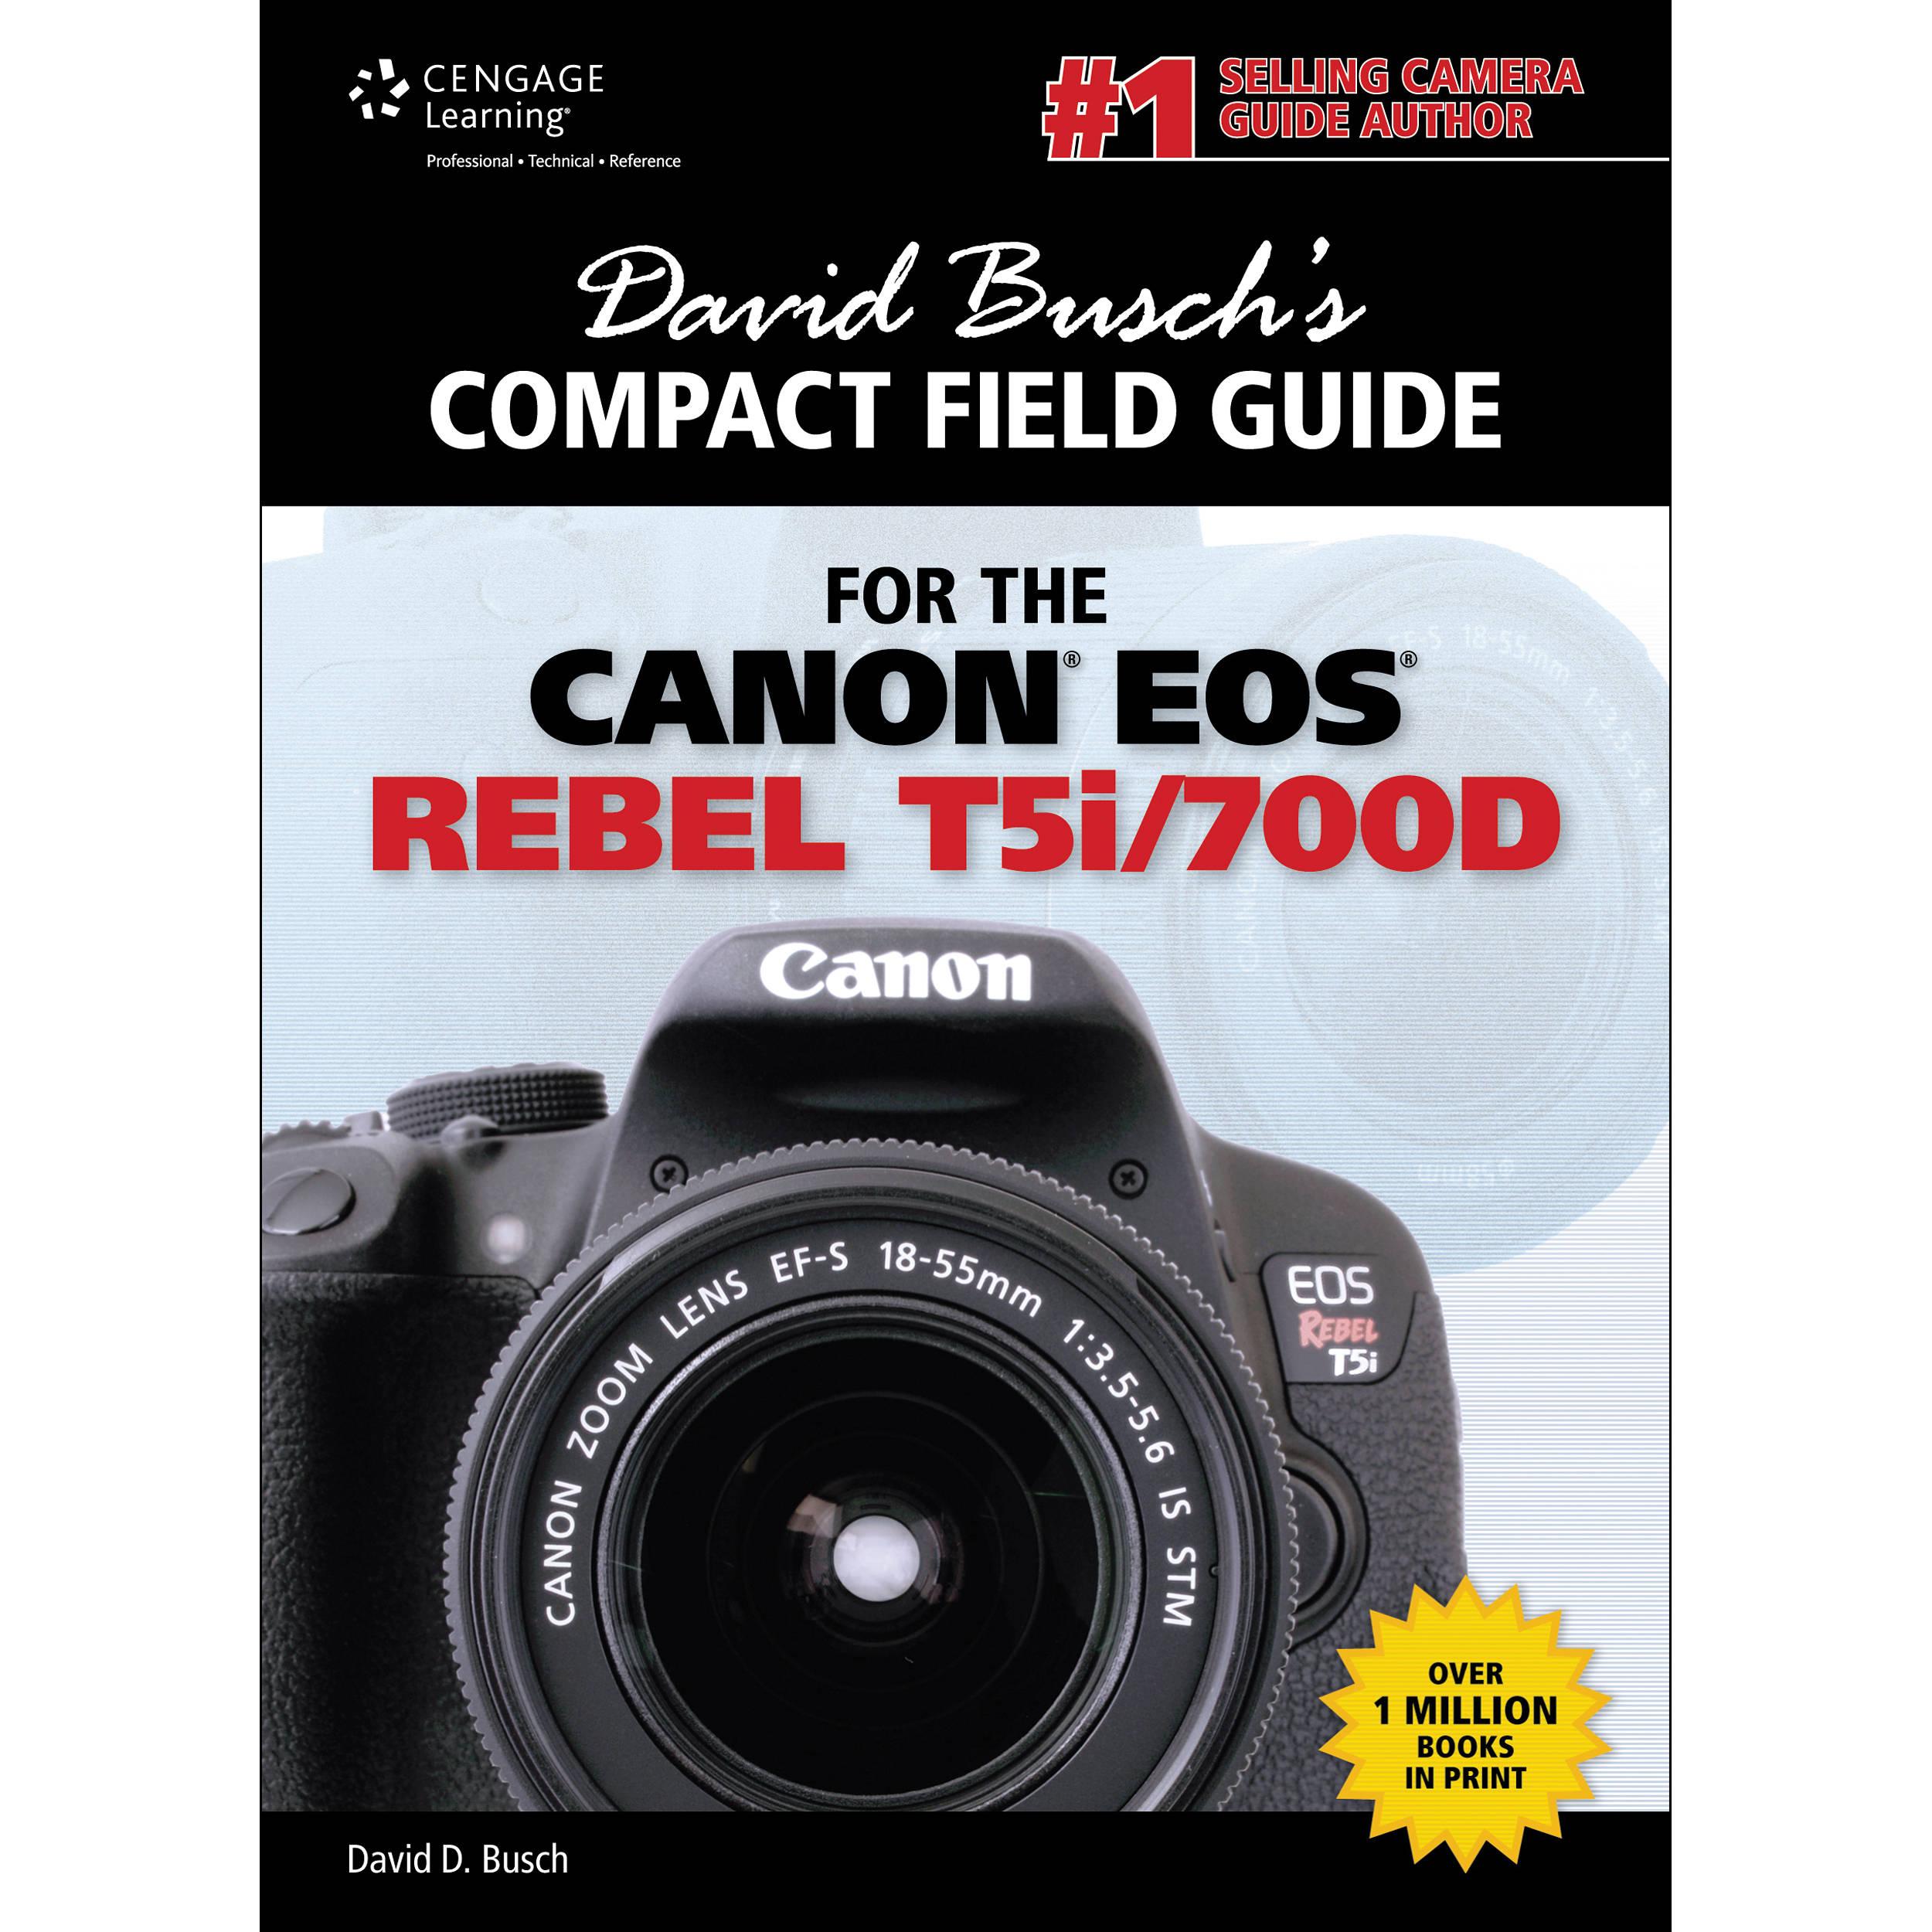 canon eos rebel g manual